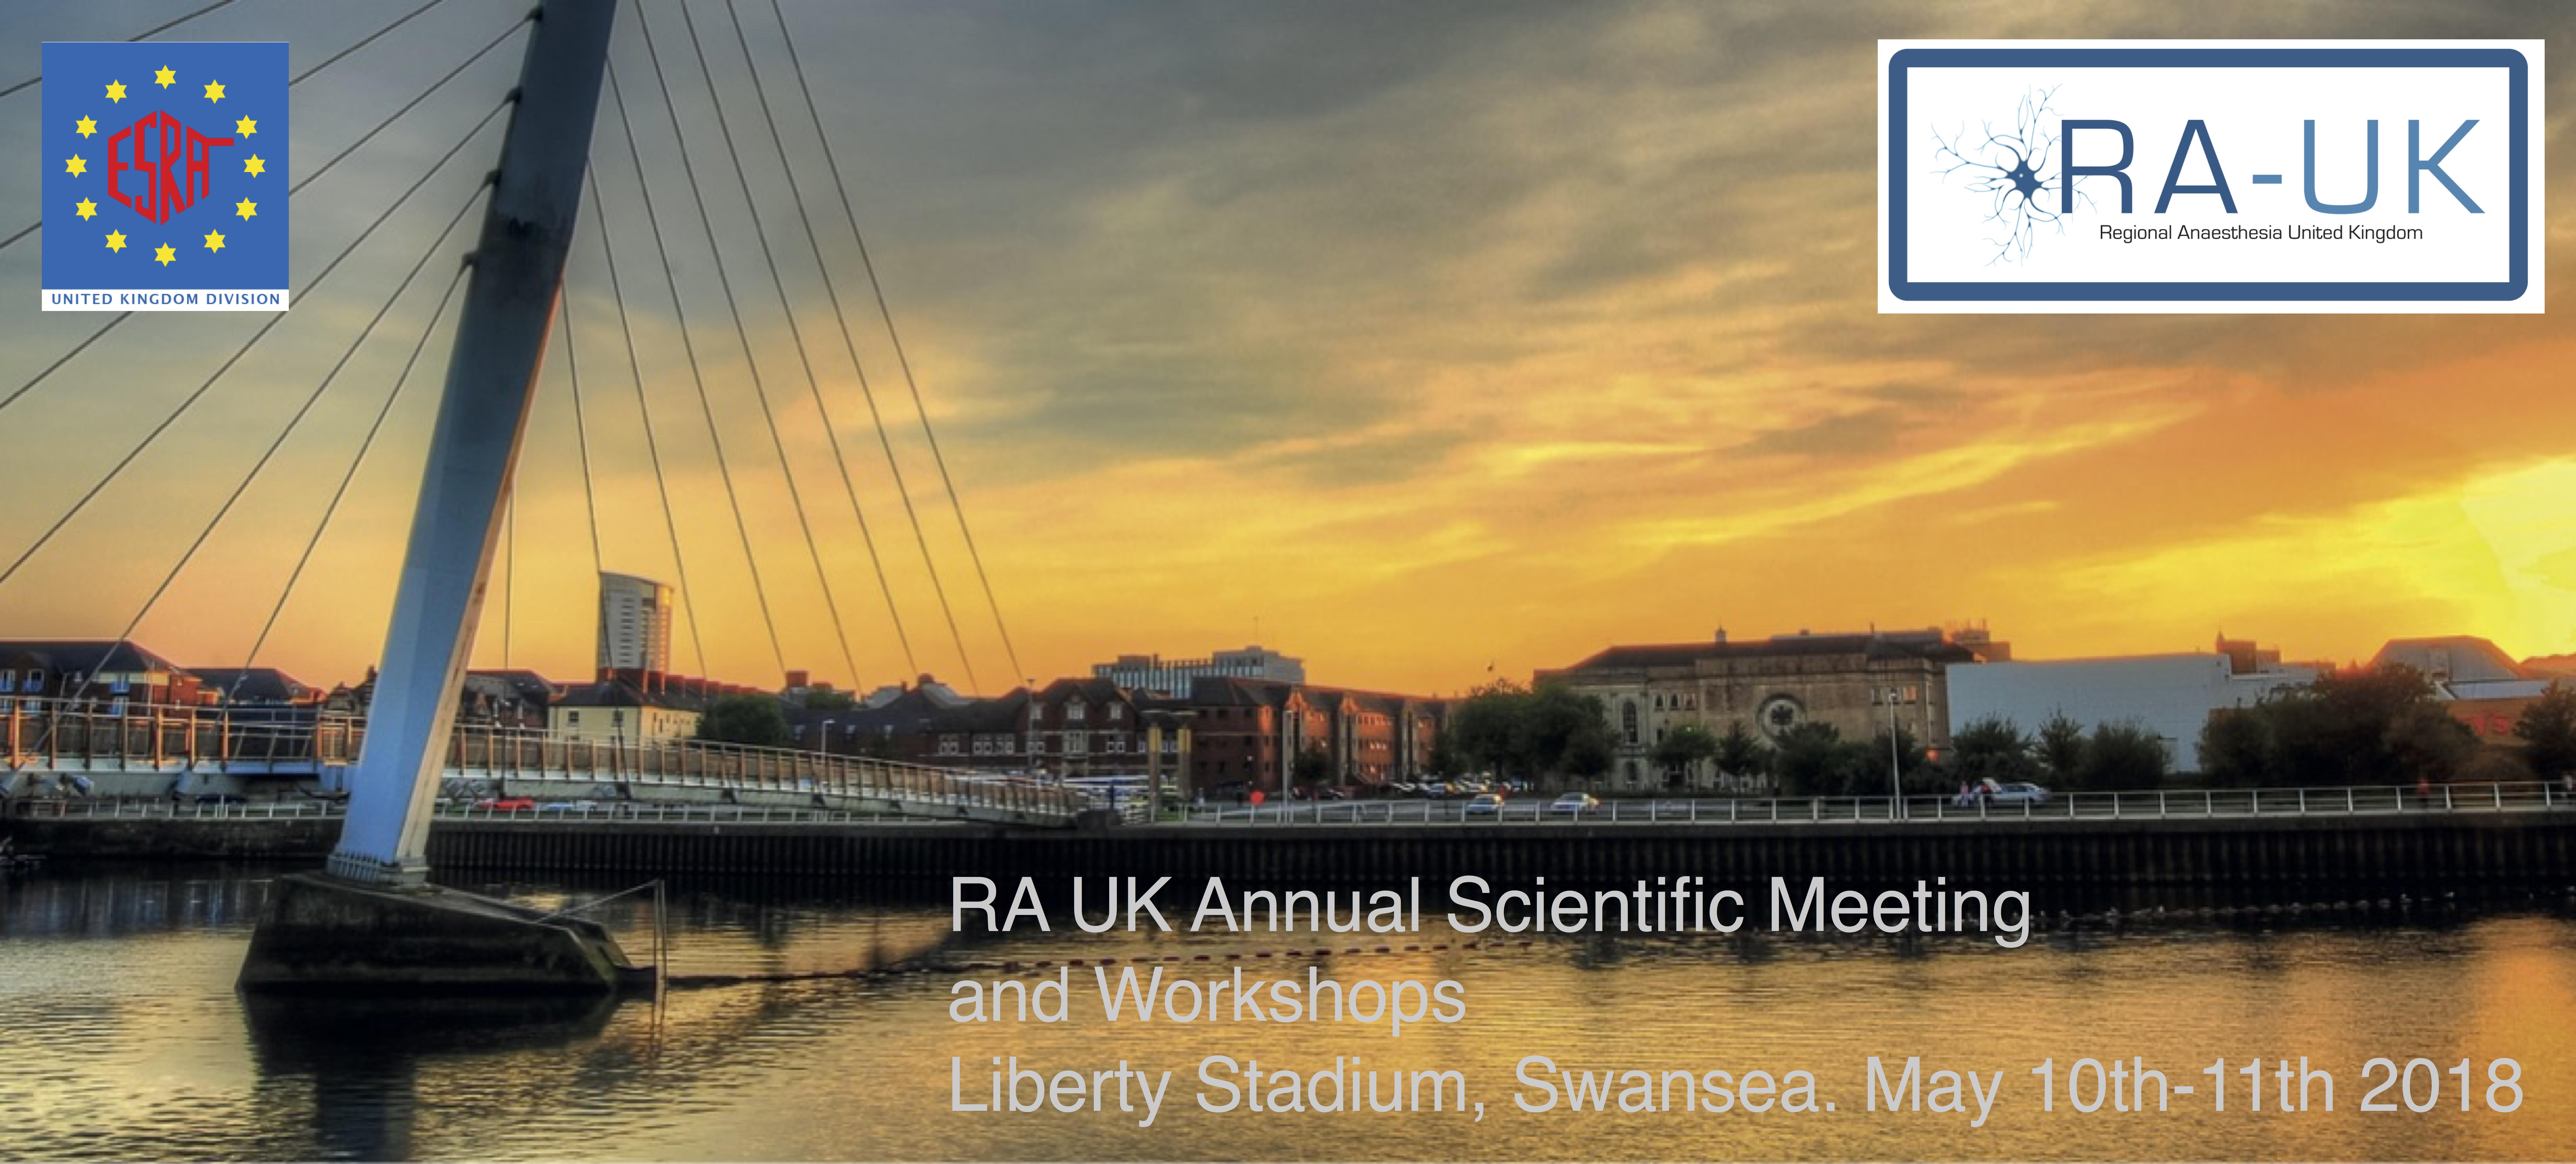 RA-UK ASM 2018